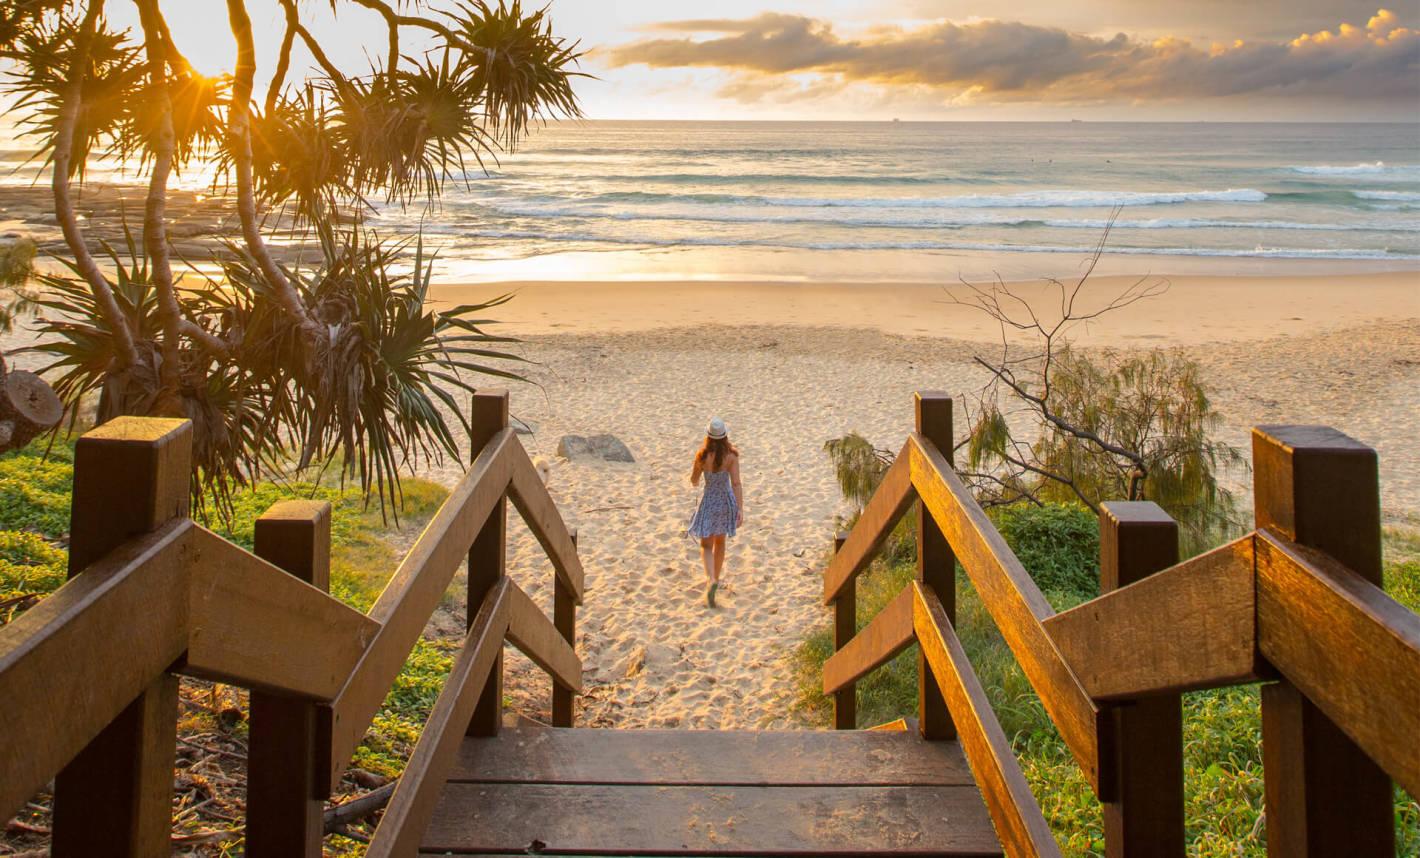 Discover Caloundra's beaches